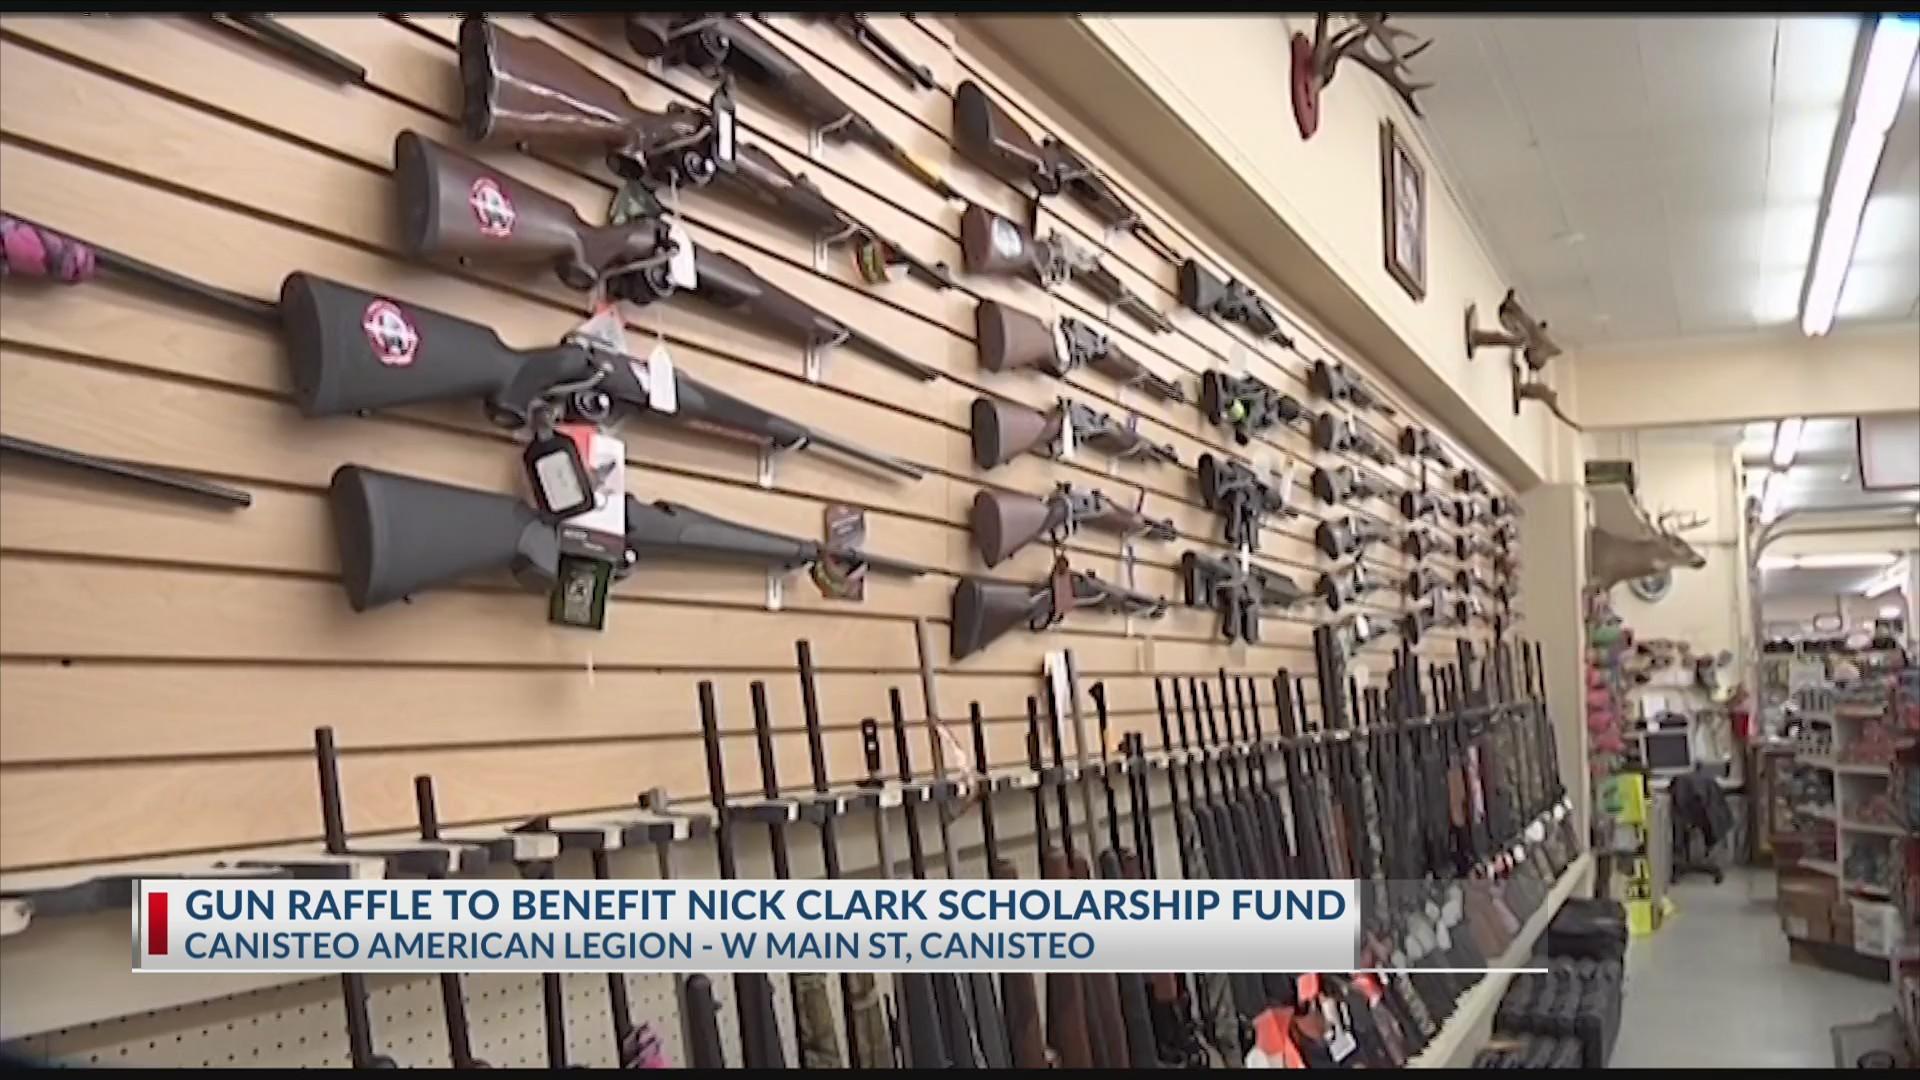 Gun_raffle_to_benefit_Nicholas_Clark_Sch_0_20190115003642